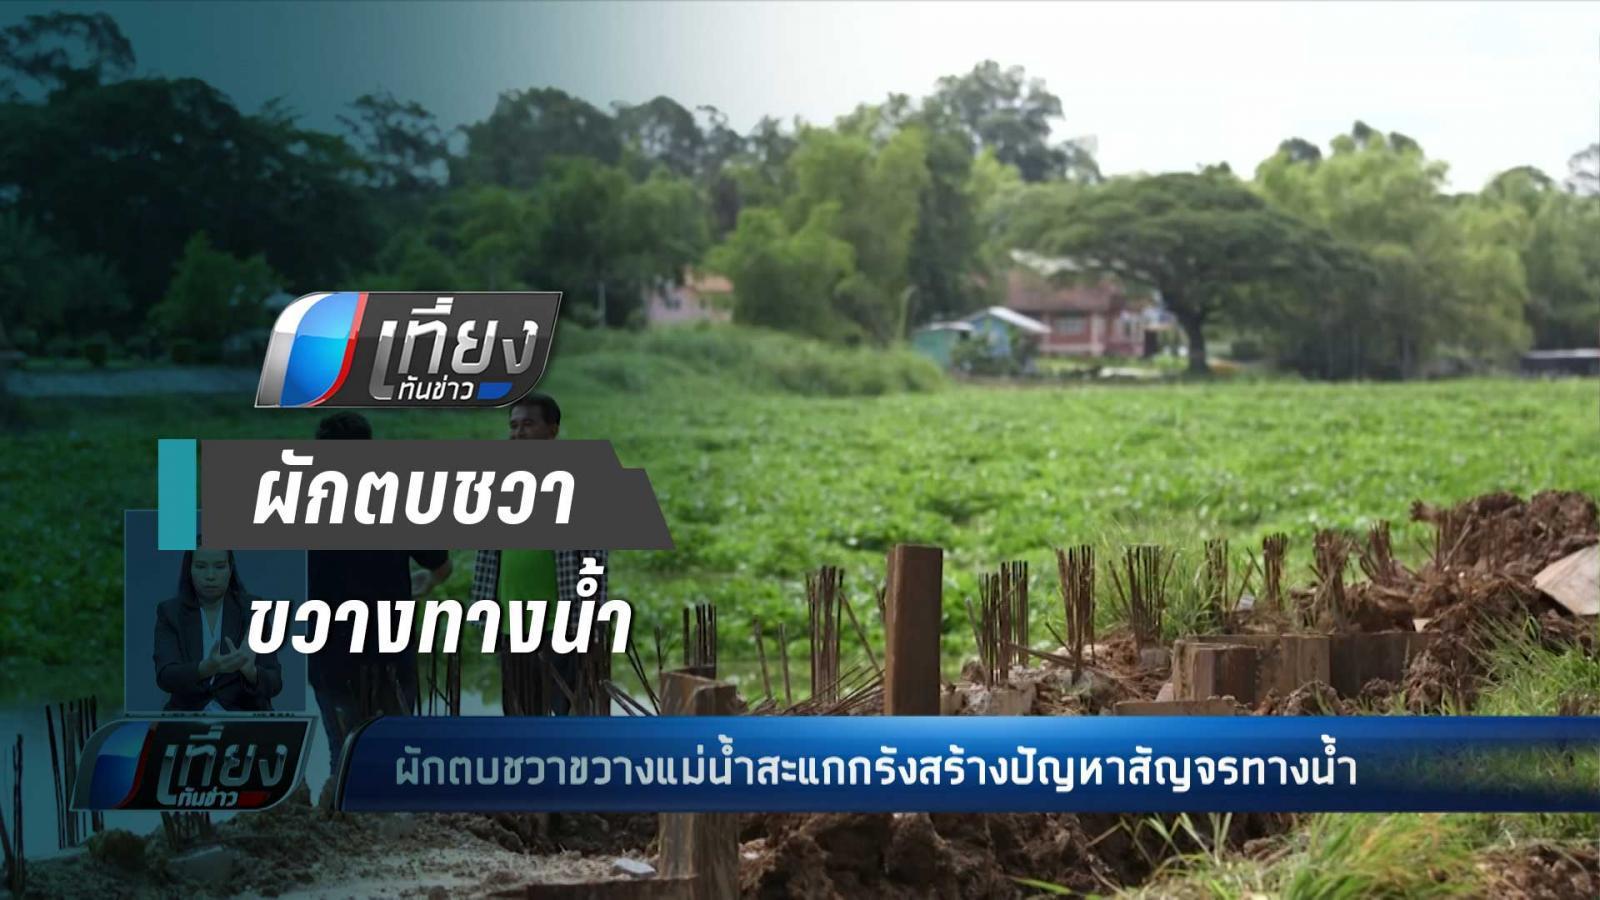 ผักตบชวาขวางแม่น้ำสะแกกรังสร้างปัญหาสัญจรทางน้ำ